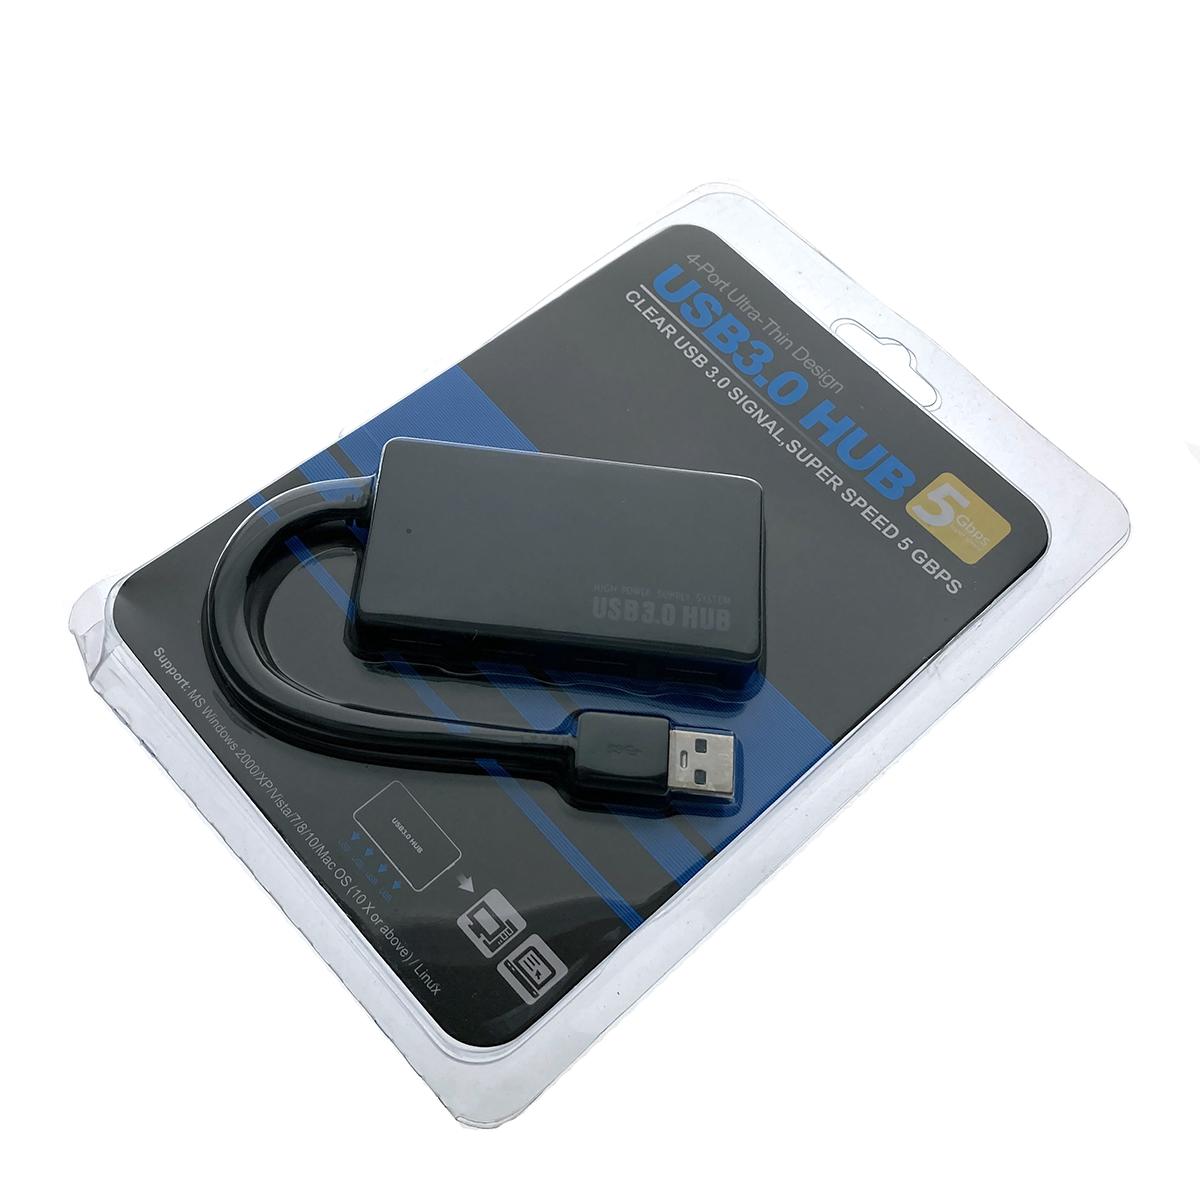 Хаб USB 3.0 на 4 порта USB 3.0 с дополнительным питанием, 15см EhVL815, Espada